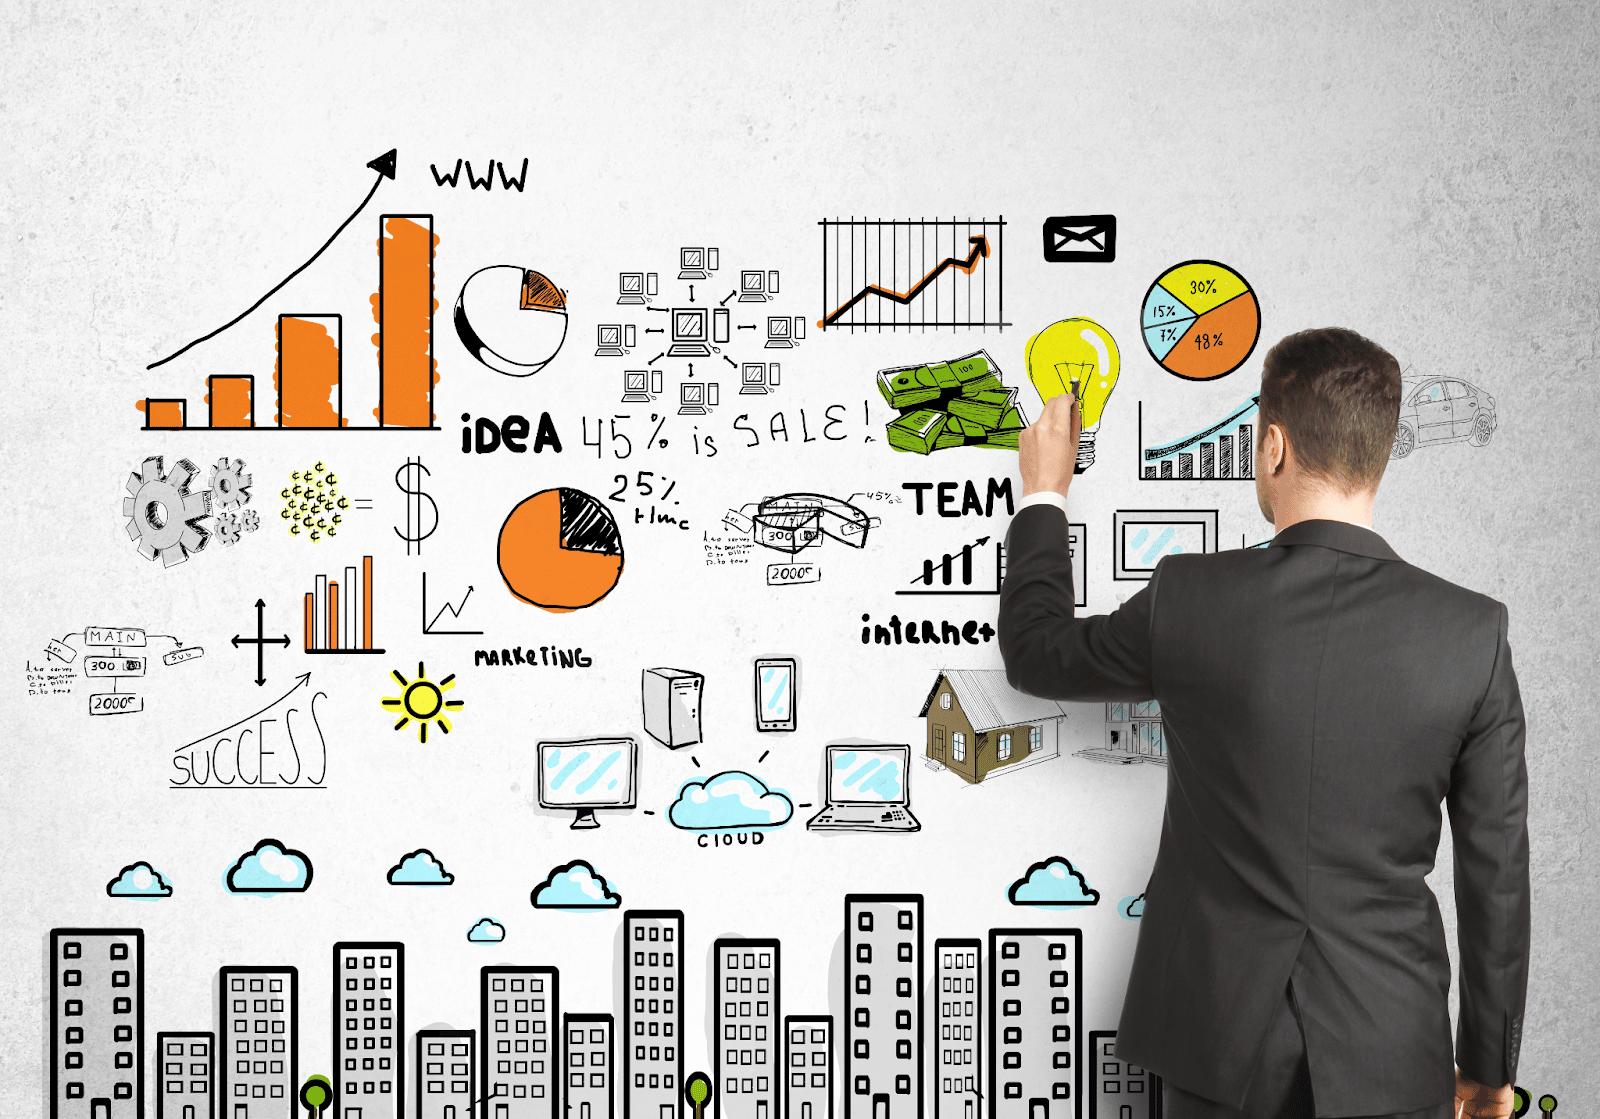 Chiết suất thị trường: nghiên cứu và dự báo xu thế vận động của thị trường, phân tích các yếu tố môi trường đến công việc truyền thông của doanh nghiệp.